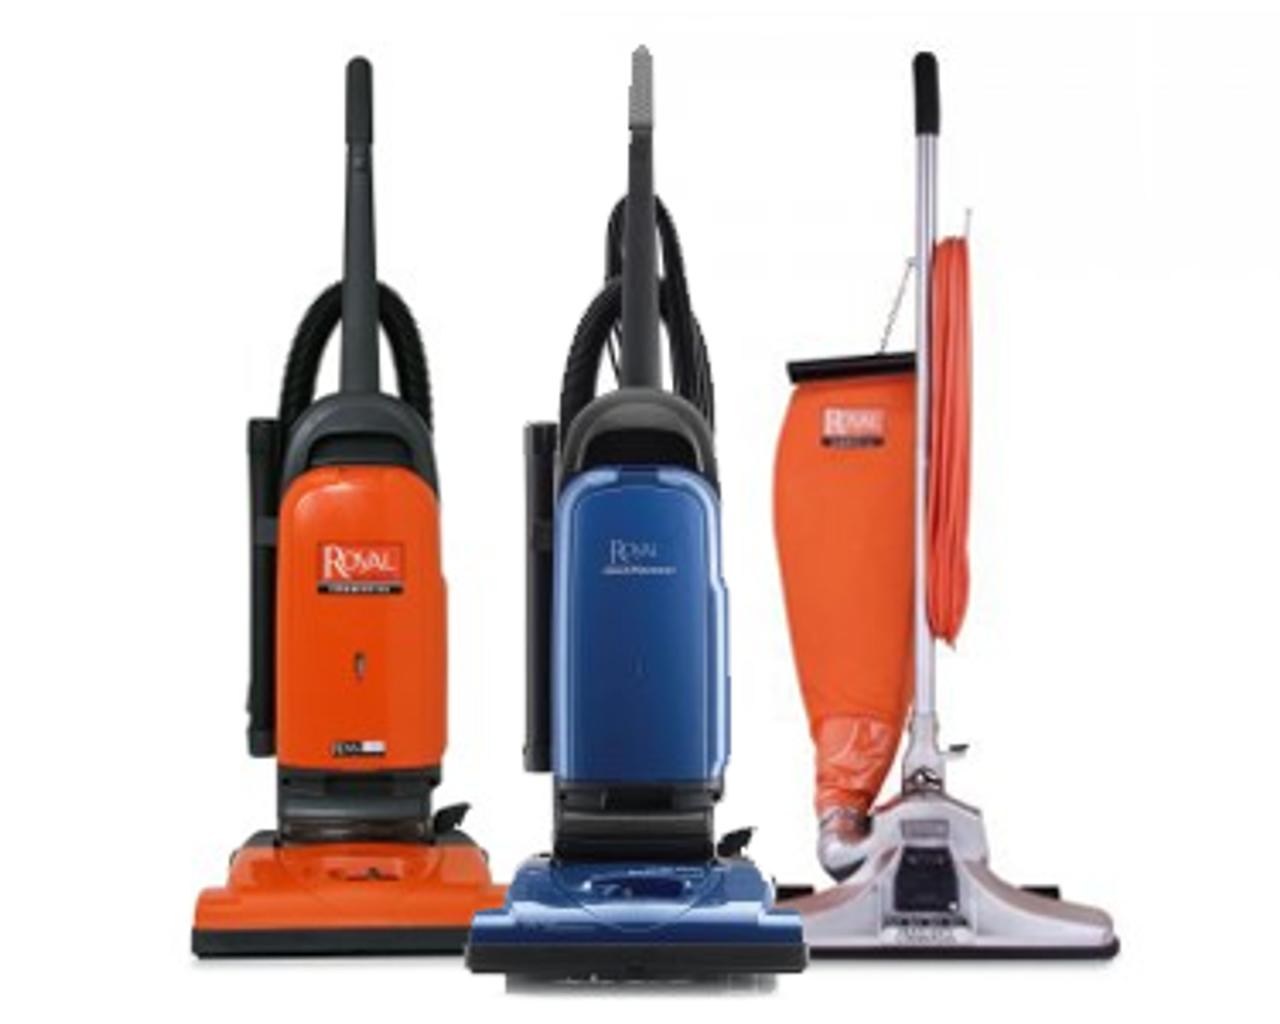 Shop Royal Upright Vacuums Bank S Vac